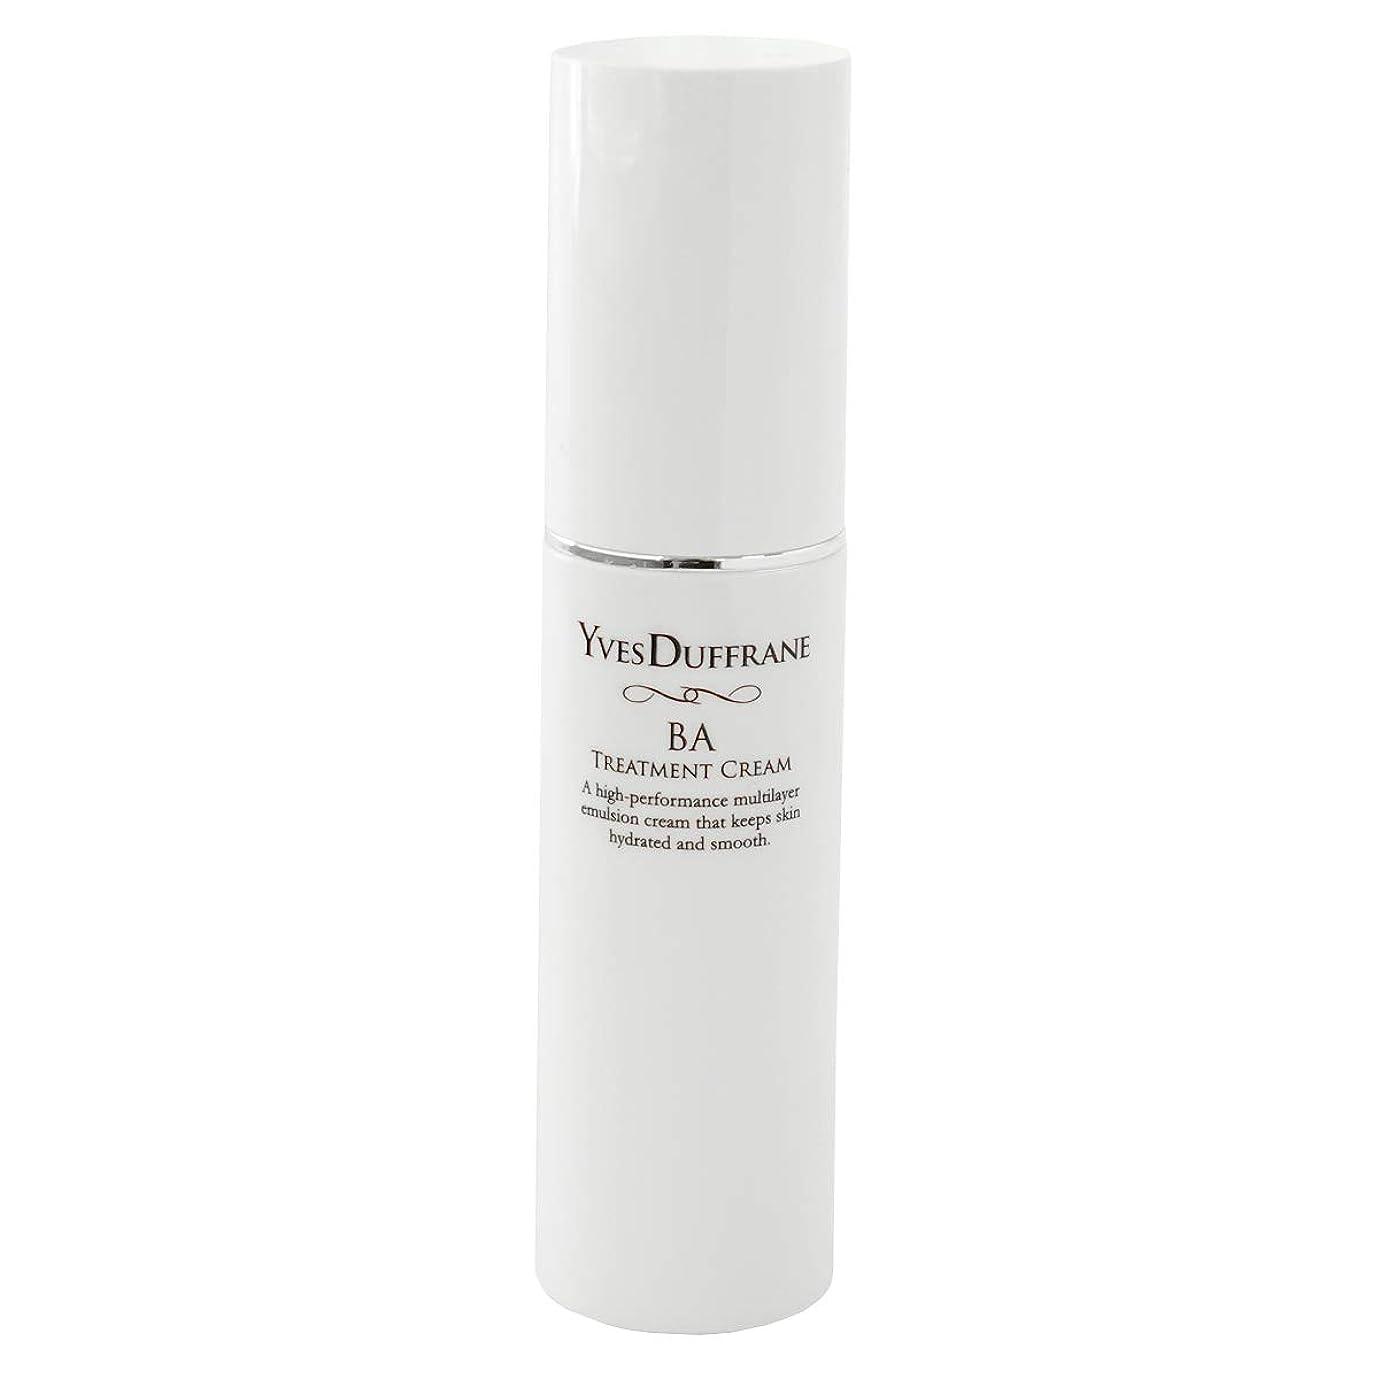 コロニアル無一文付与セラミド 美容クリーム [BAトリートメント クリーム ] 顔 目元 敏感肌 保湿 セラミド ビタミンC誘導体 バイオアンテージ配合